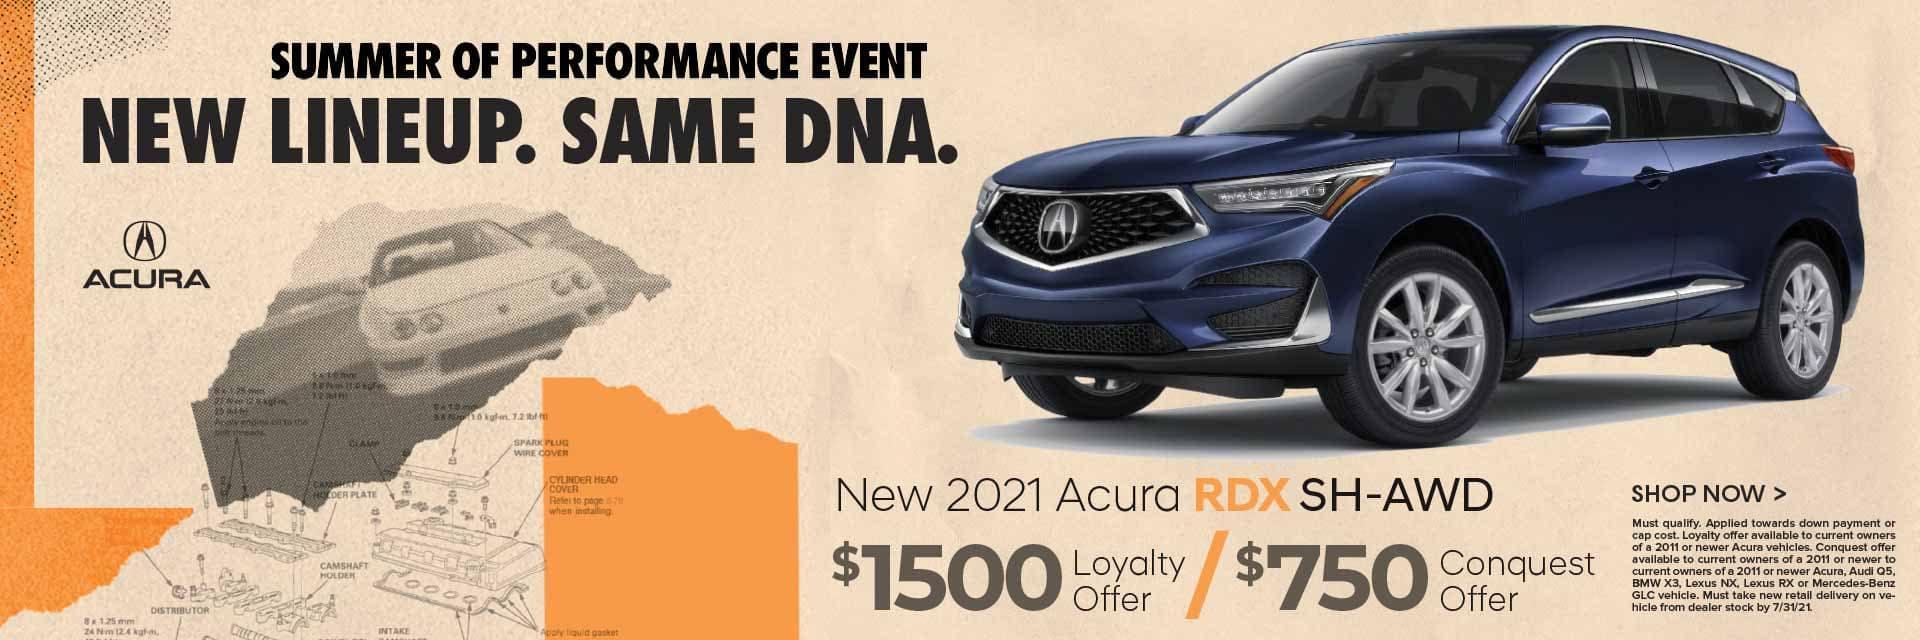 BRIA-20210712-RDX